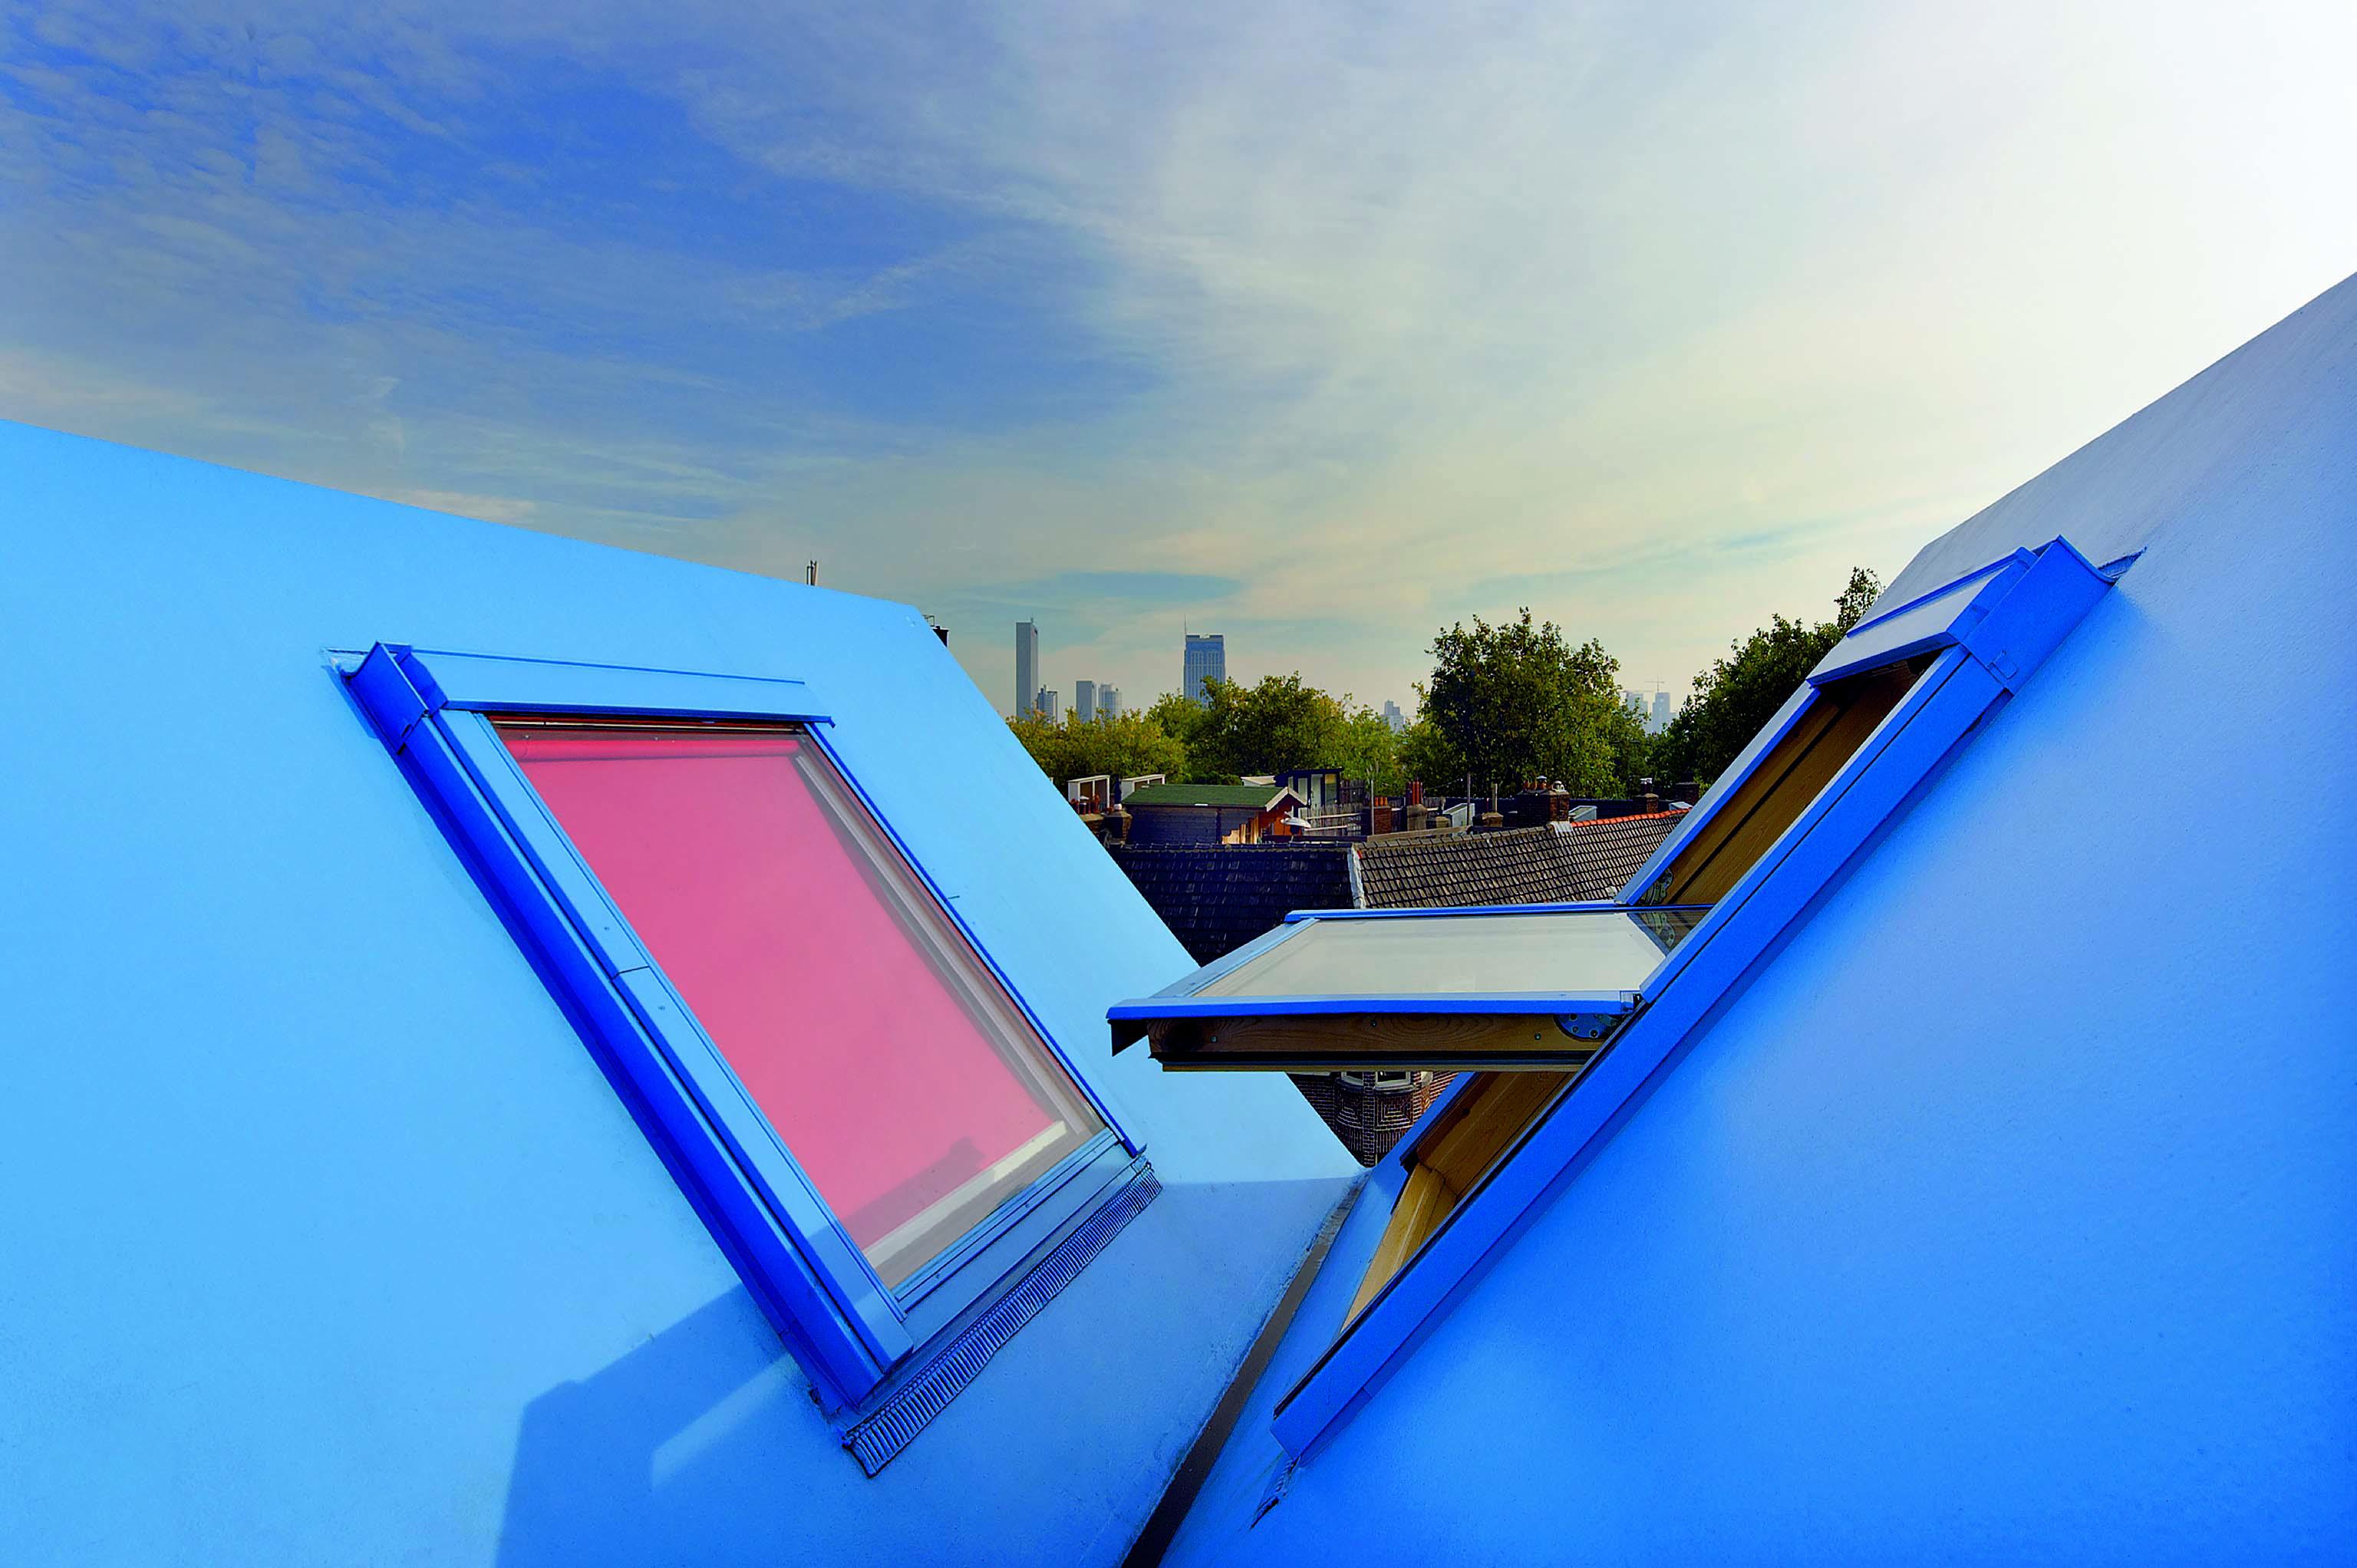 Le finestre sul tetto